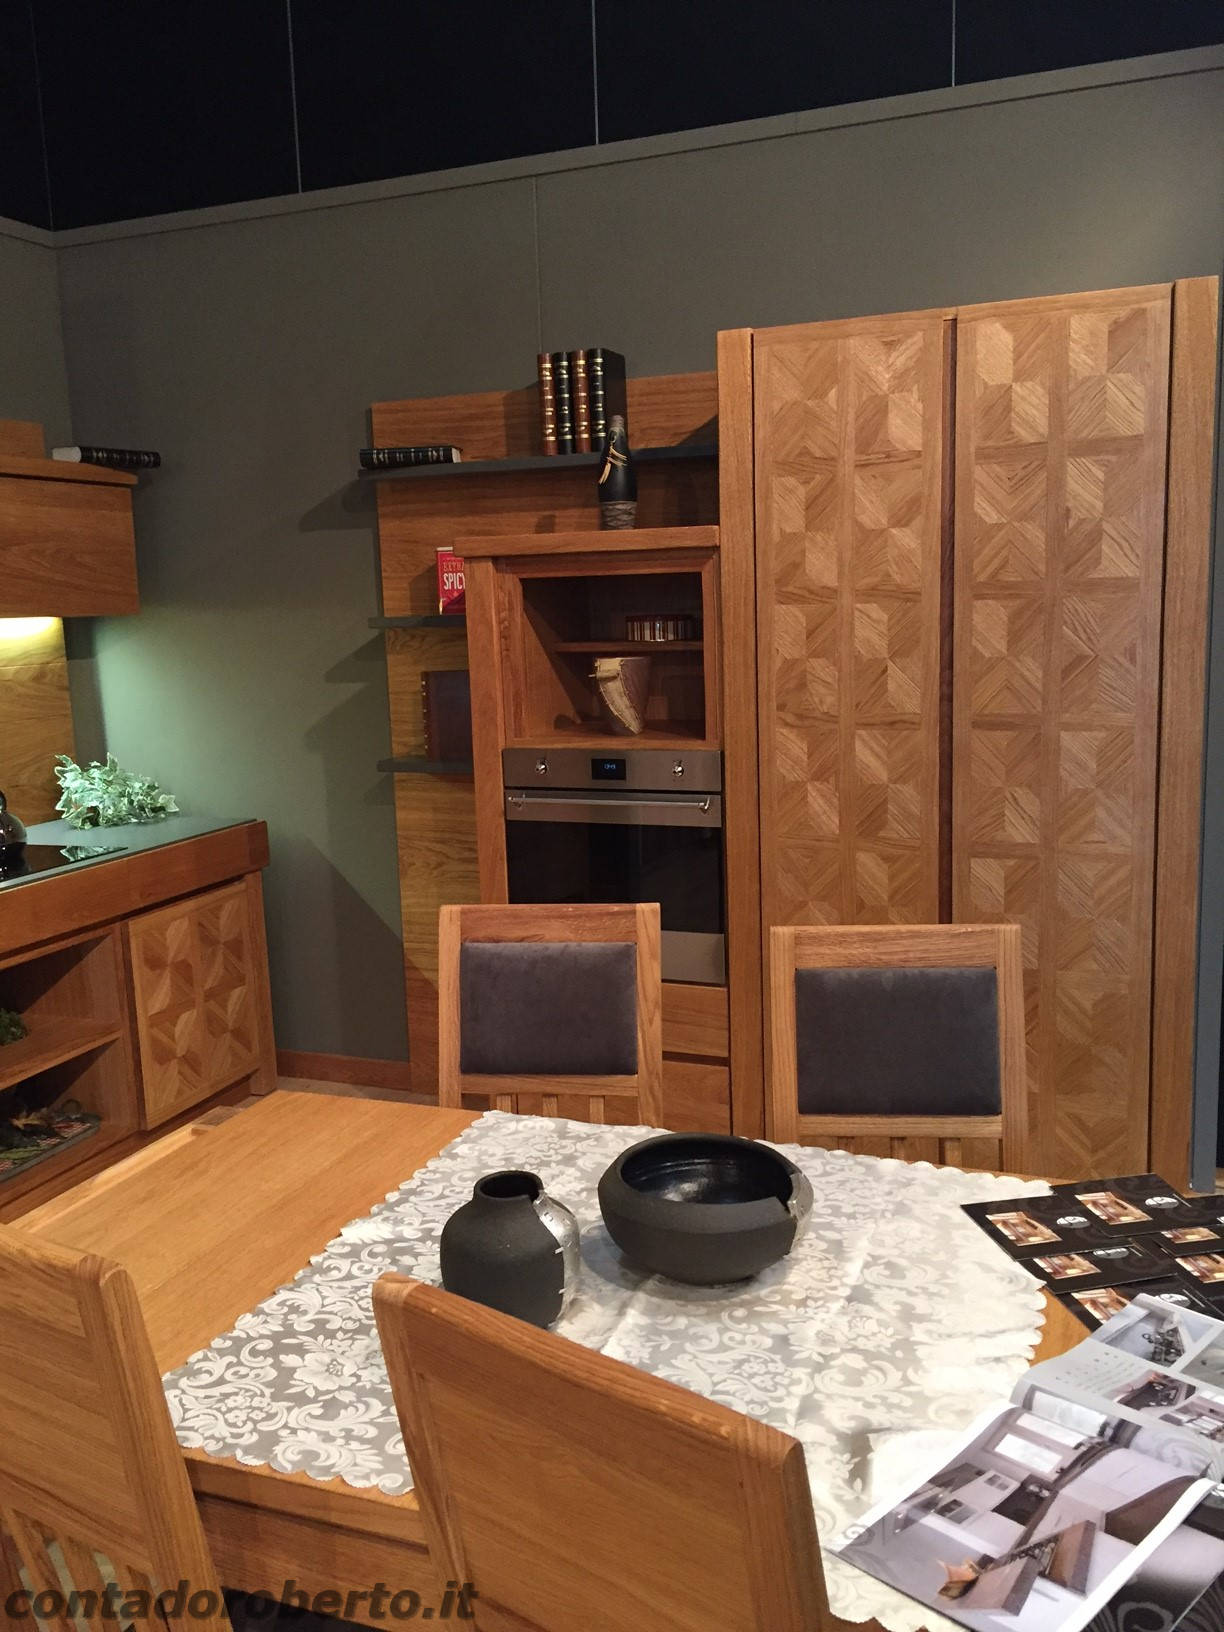 Cucina Moderna in Rovere Naturale Manerba | Contado Roberto Group ...